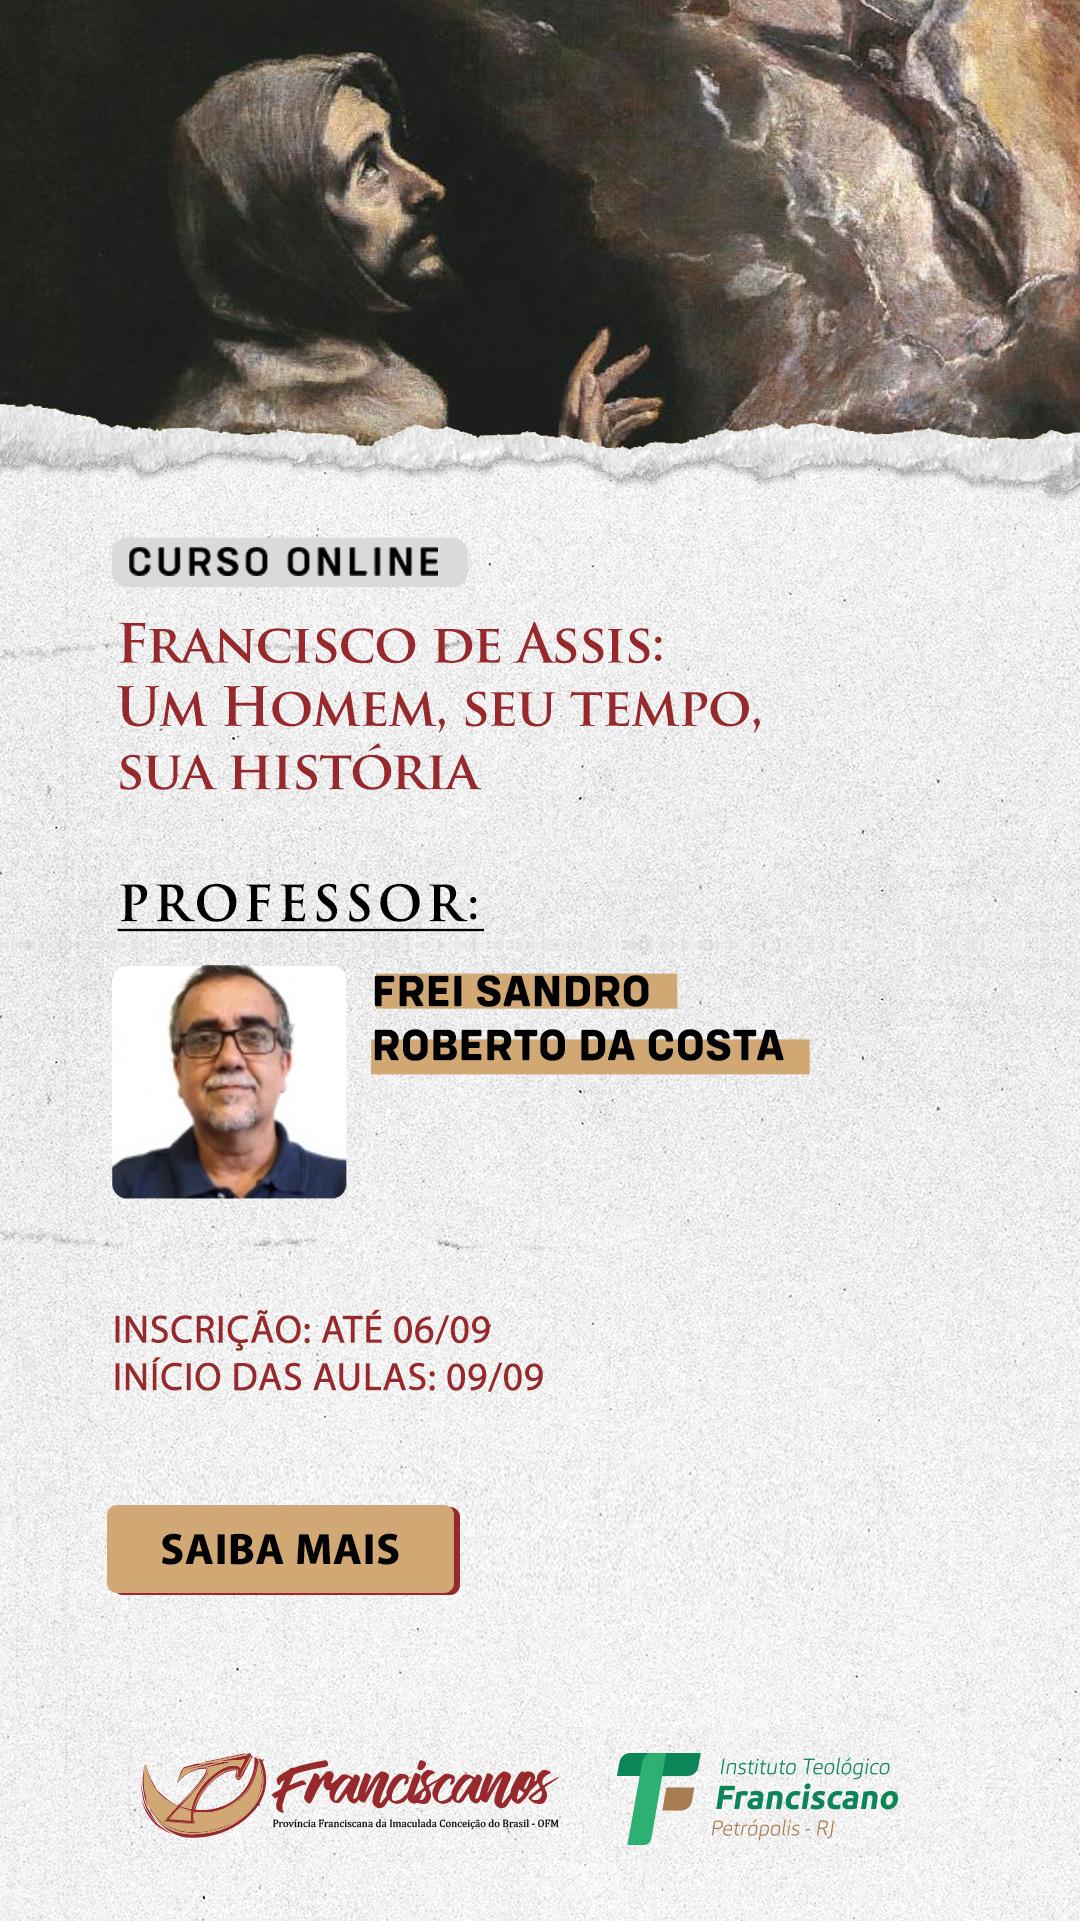 Curso de extensão - Francisco de Assis: Um Homem, seu tempo, sua história